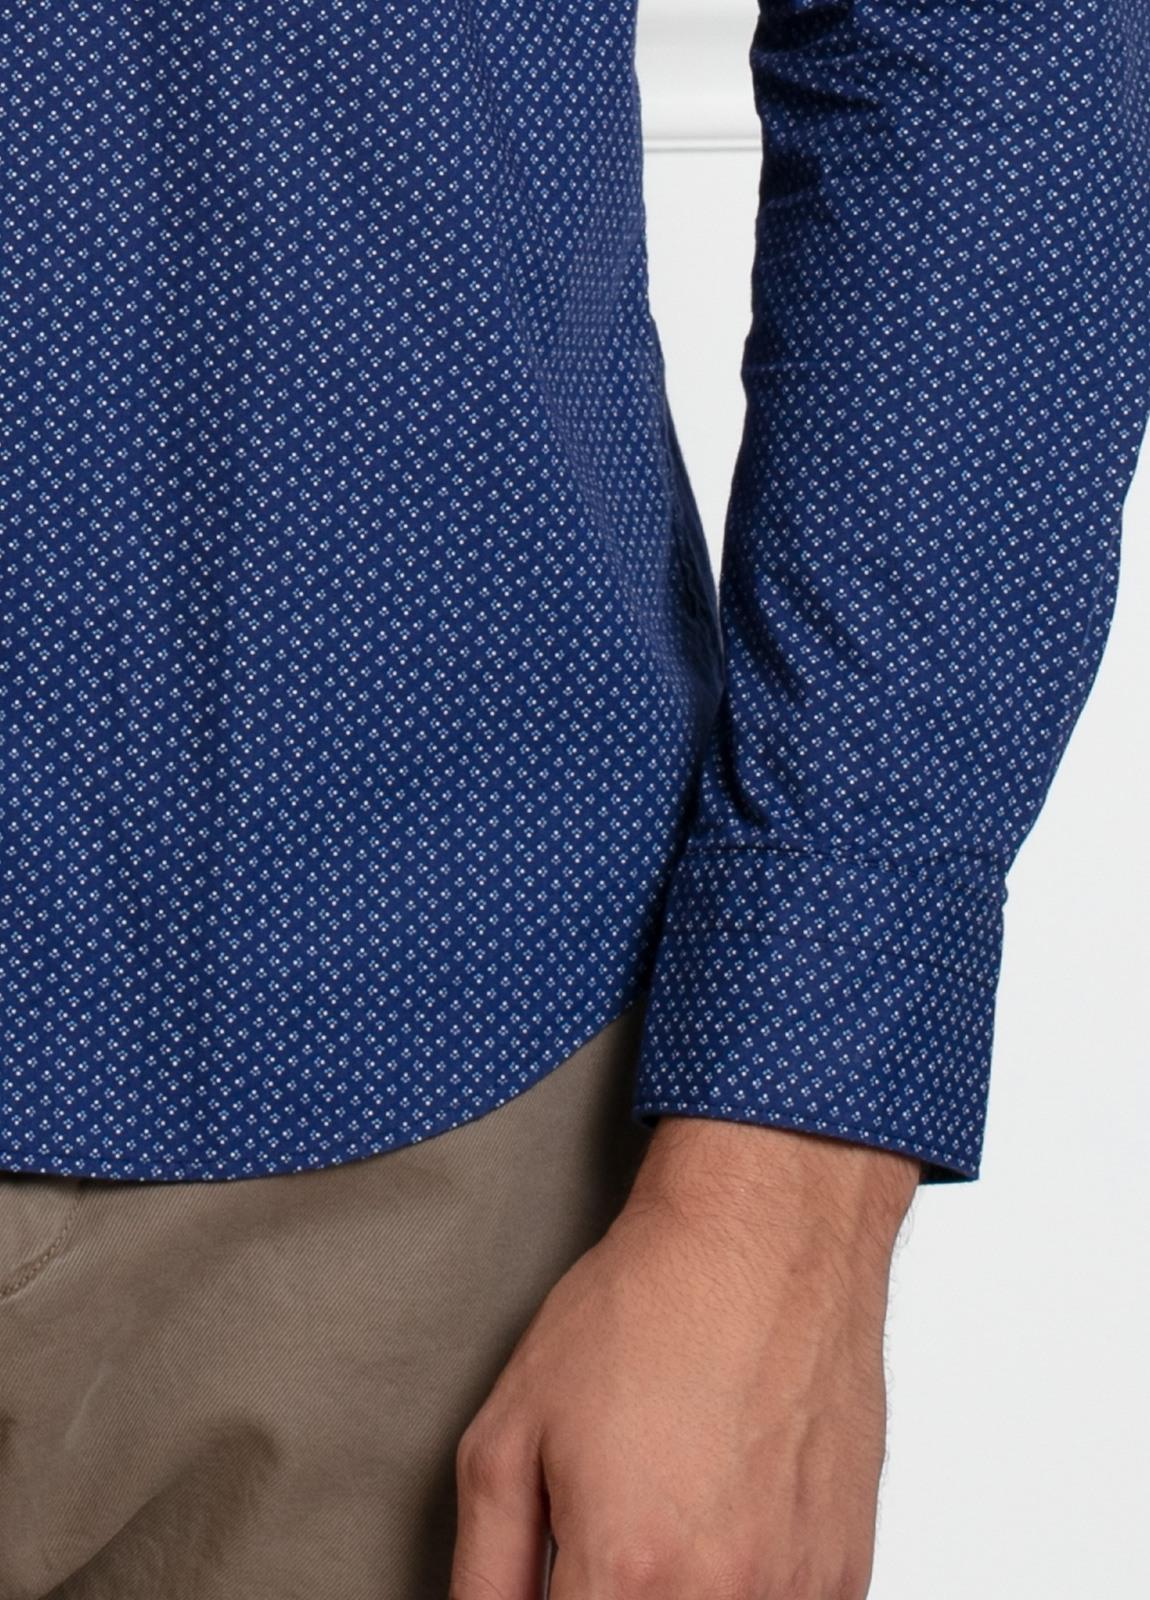 Camisa sport SLIM FIT modelo LEO estampado geométrico azulón, 100% Algodón. - Ítem1